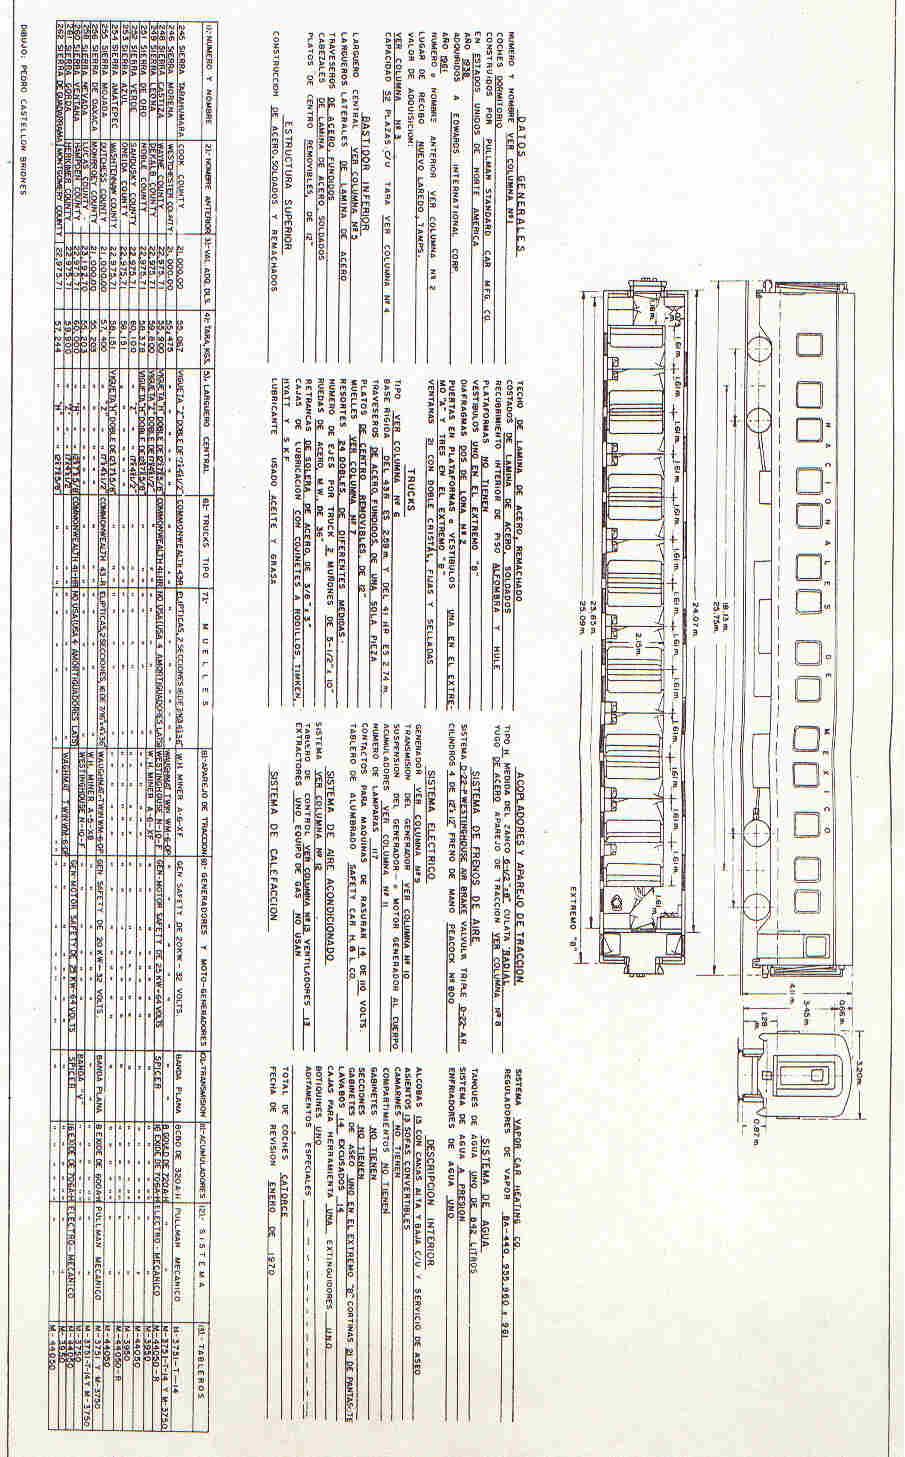 245-262.jpg